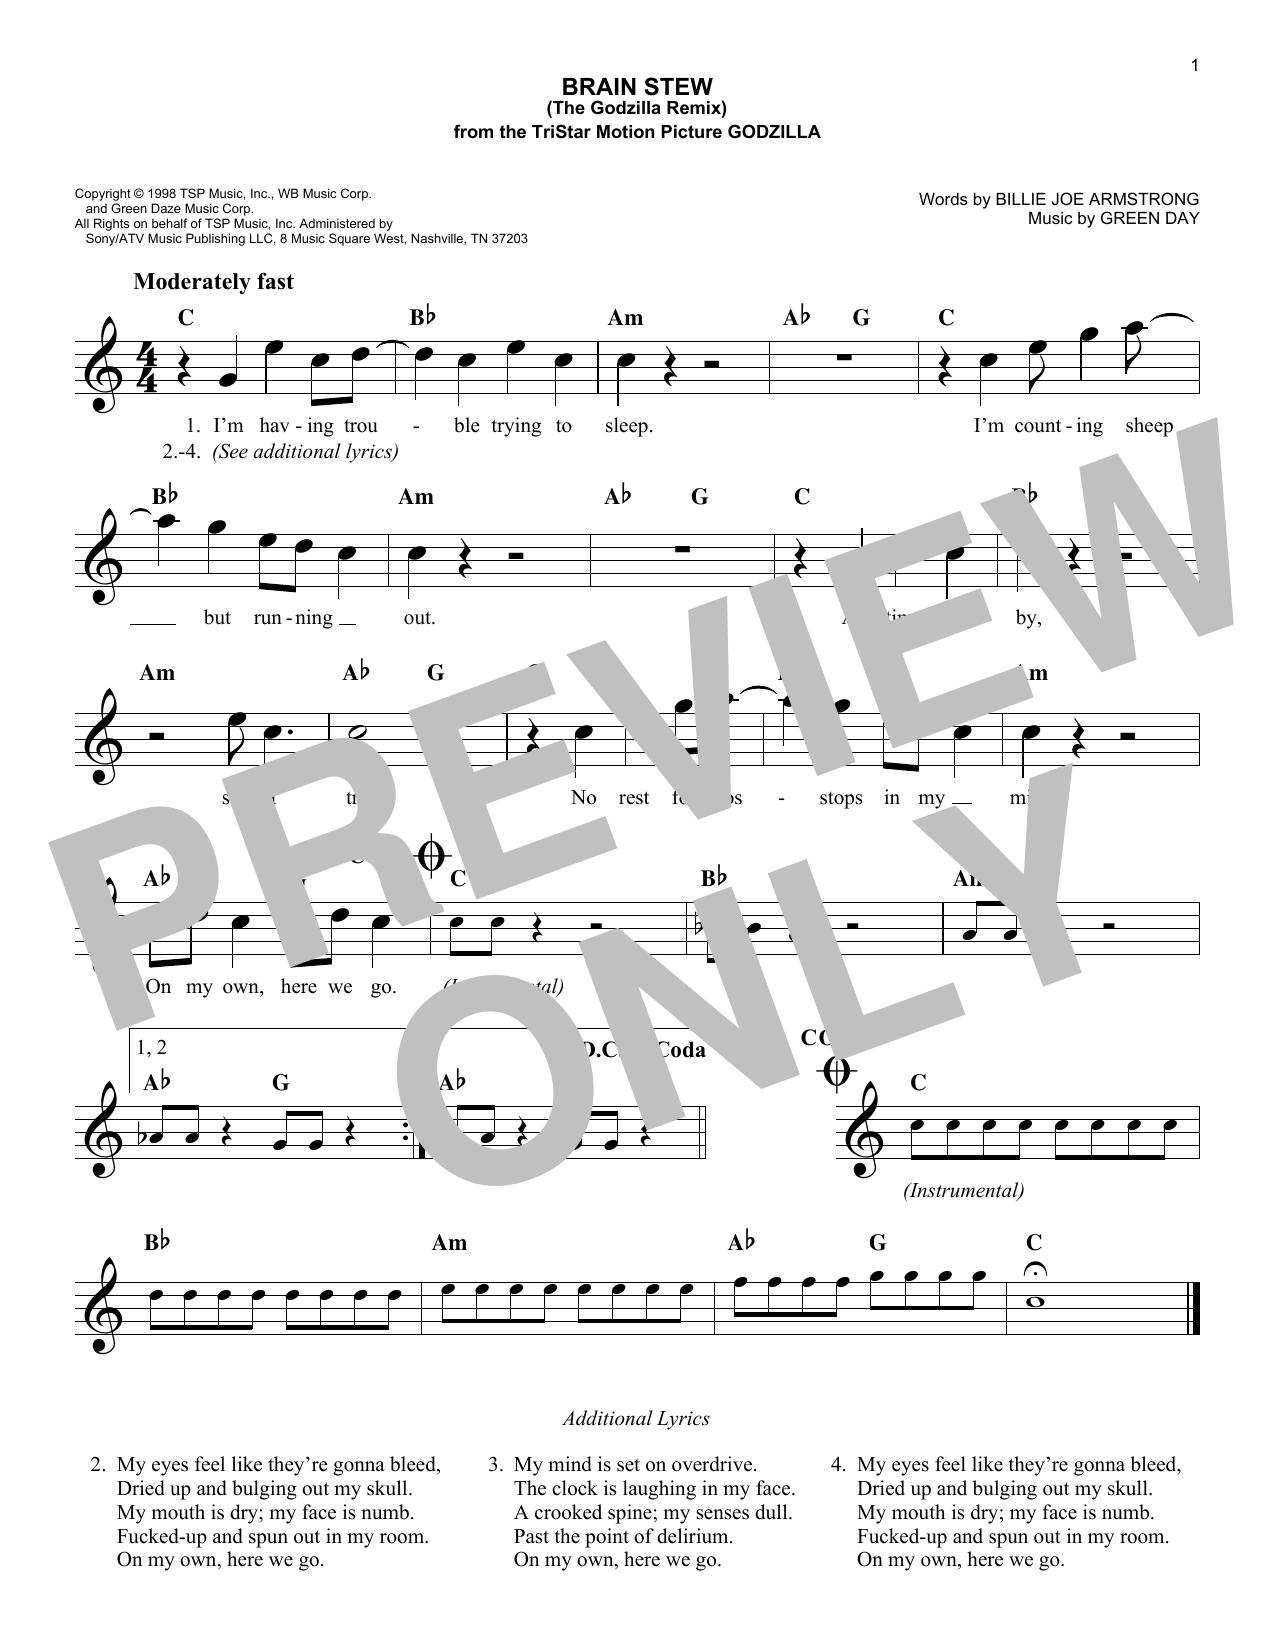 Brain Stew (The Godzilla Remix) Sheet Music